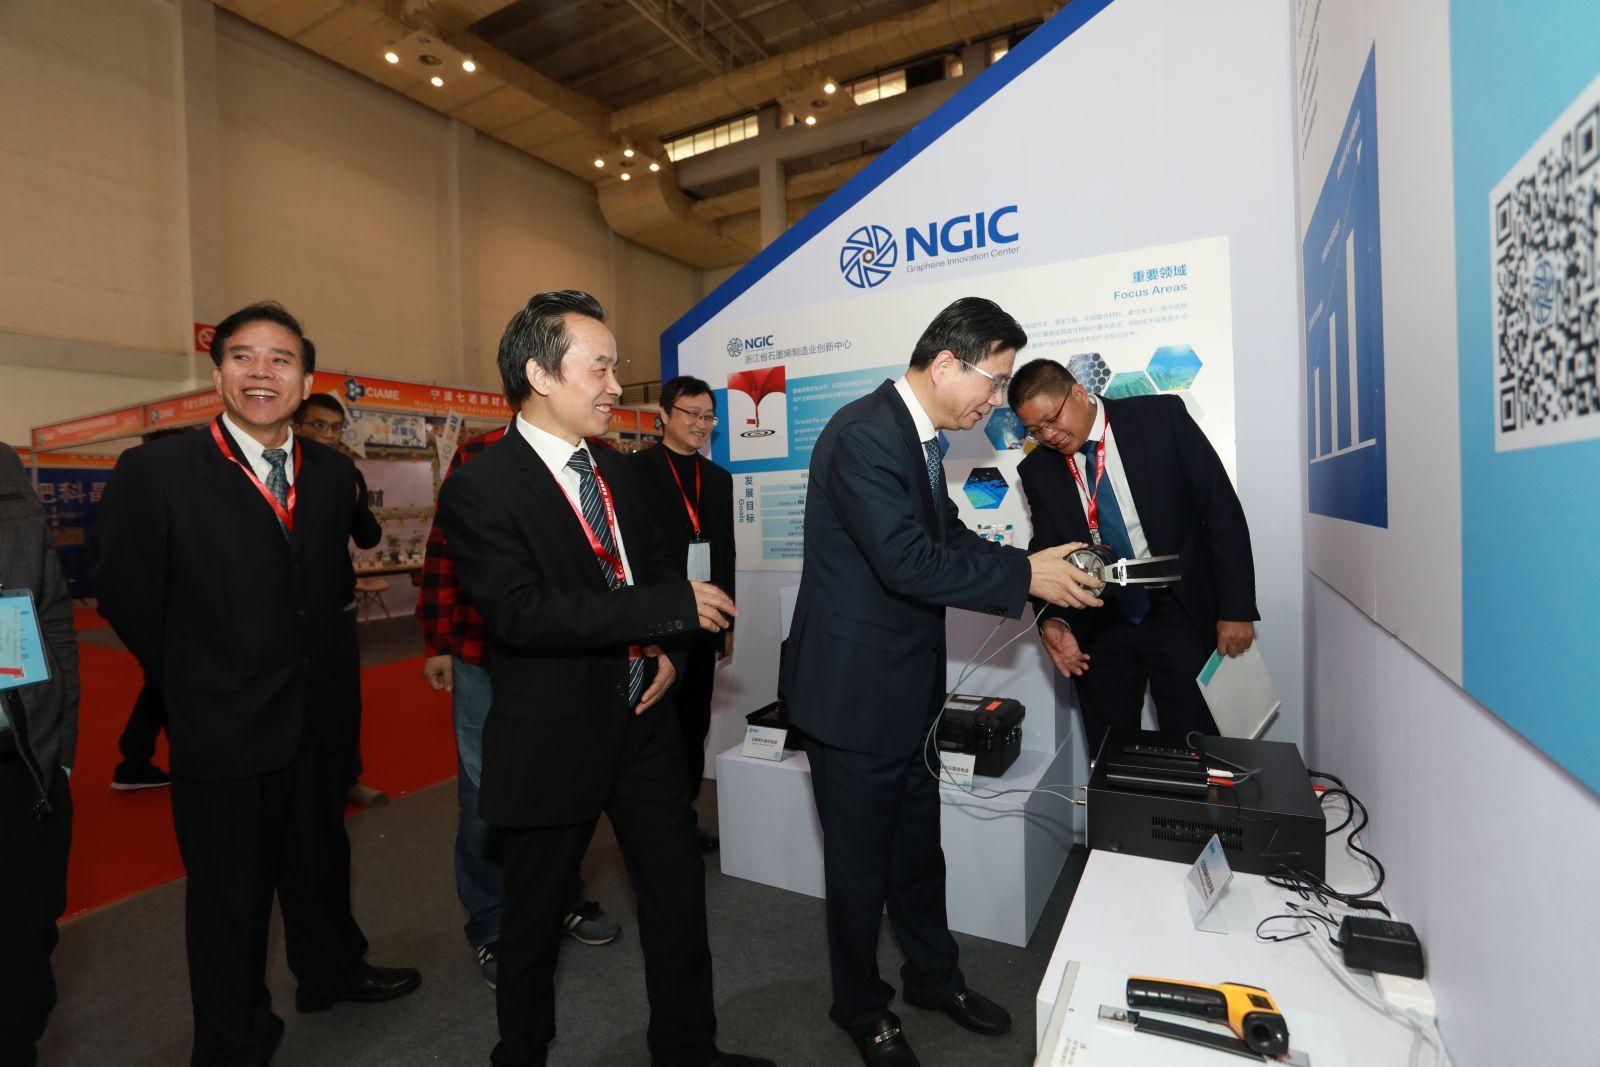 宁波副市长体验吉仓纳米公司最新研发的石墨烯静电耳机